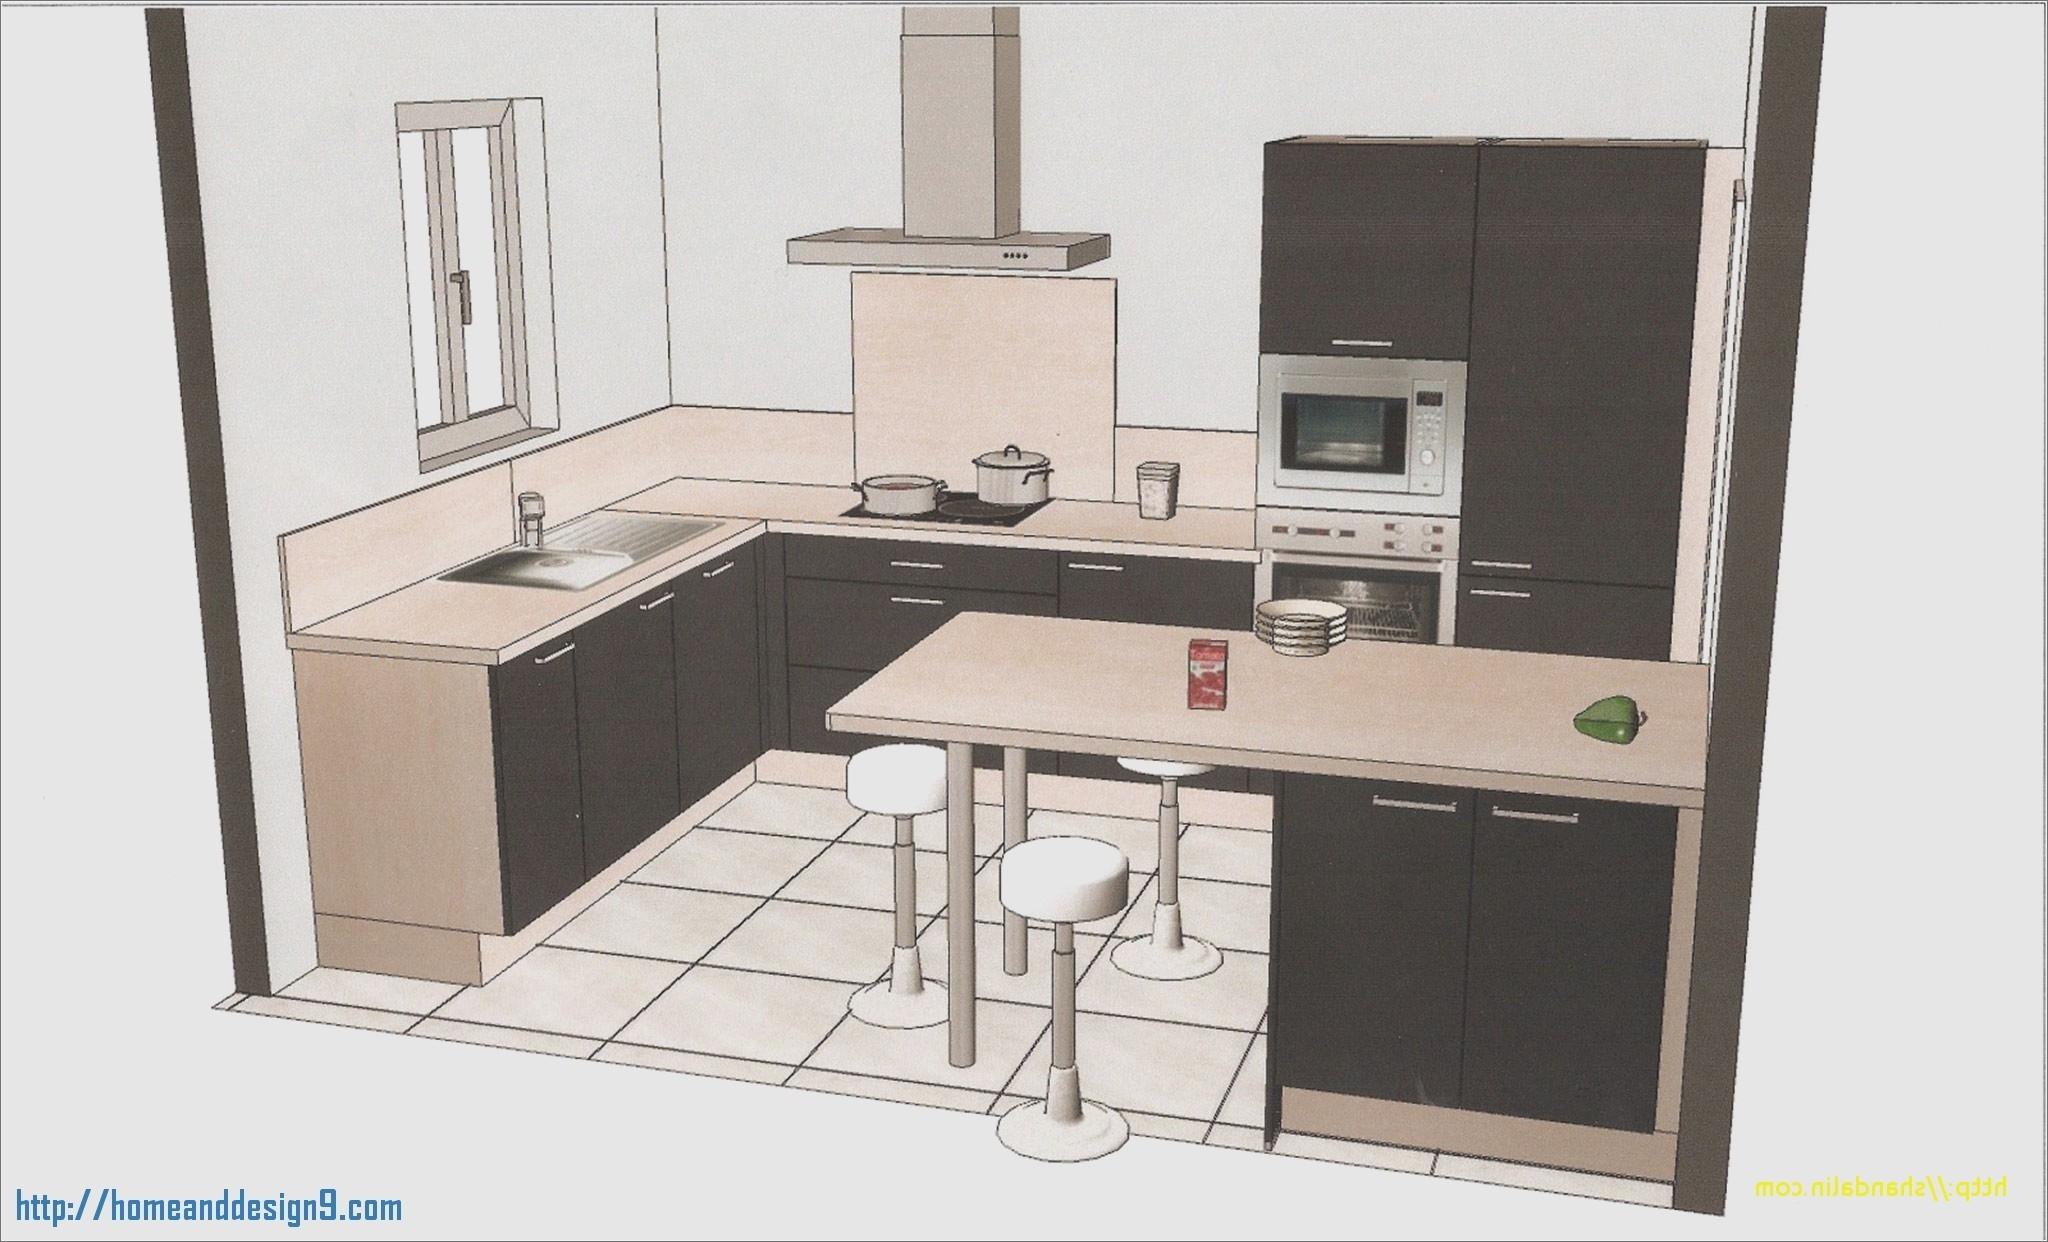 Logiciel dessin cuisine 3d gratuit maison - Logiciel de plan de cuisine 3d gratuit ...